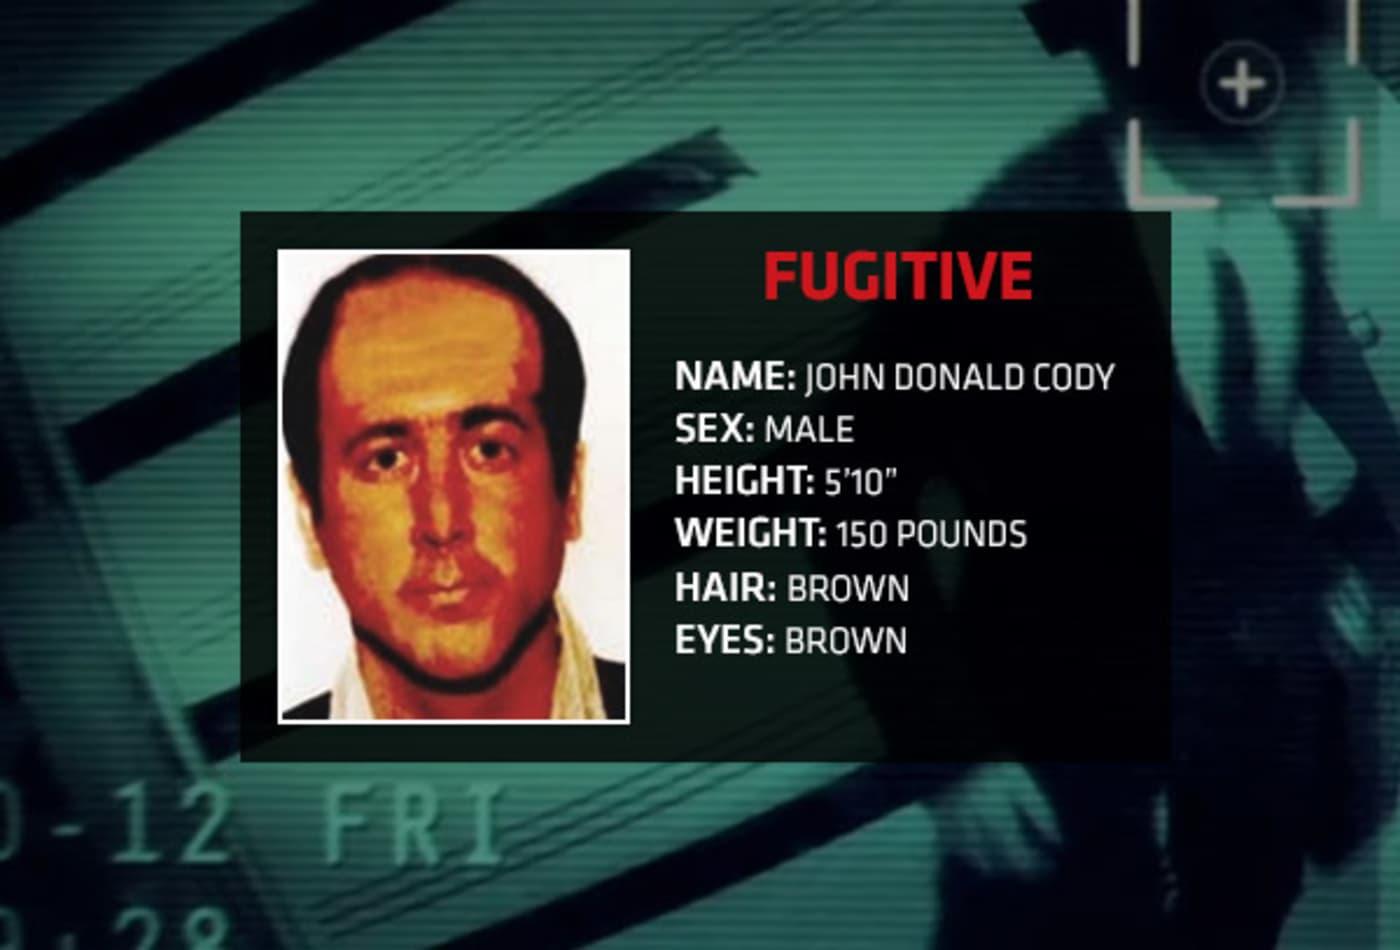 10-white-collar-fugitives-cody.jpg